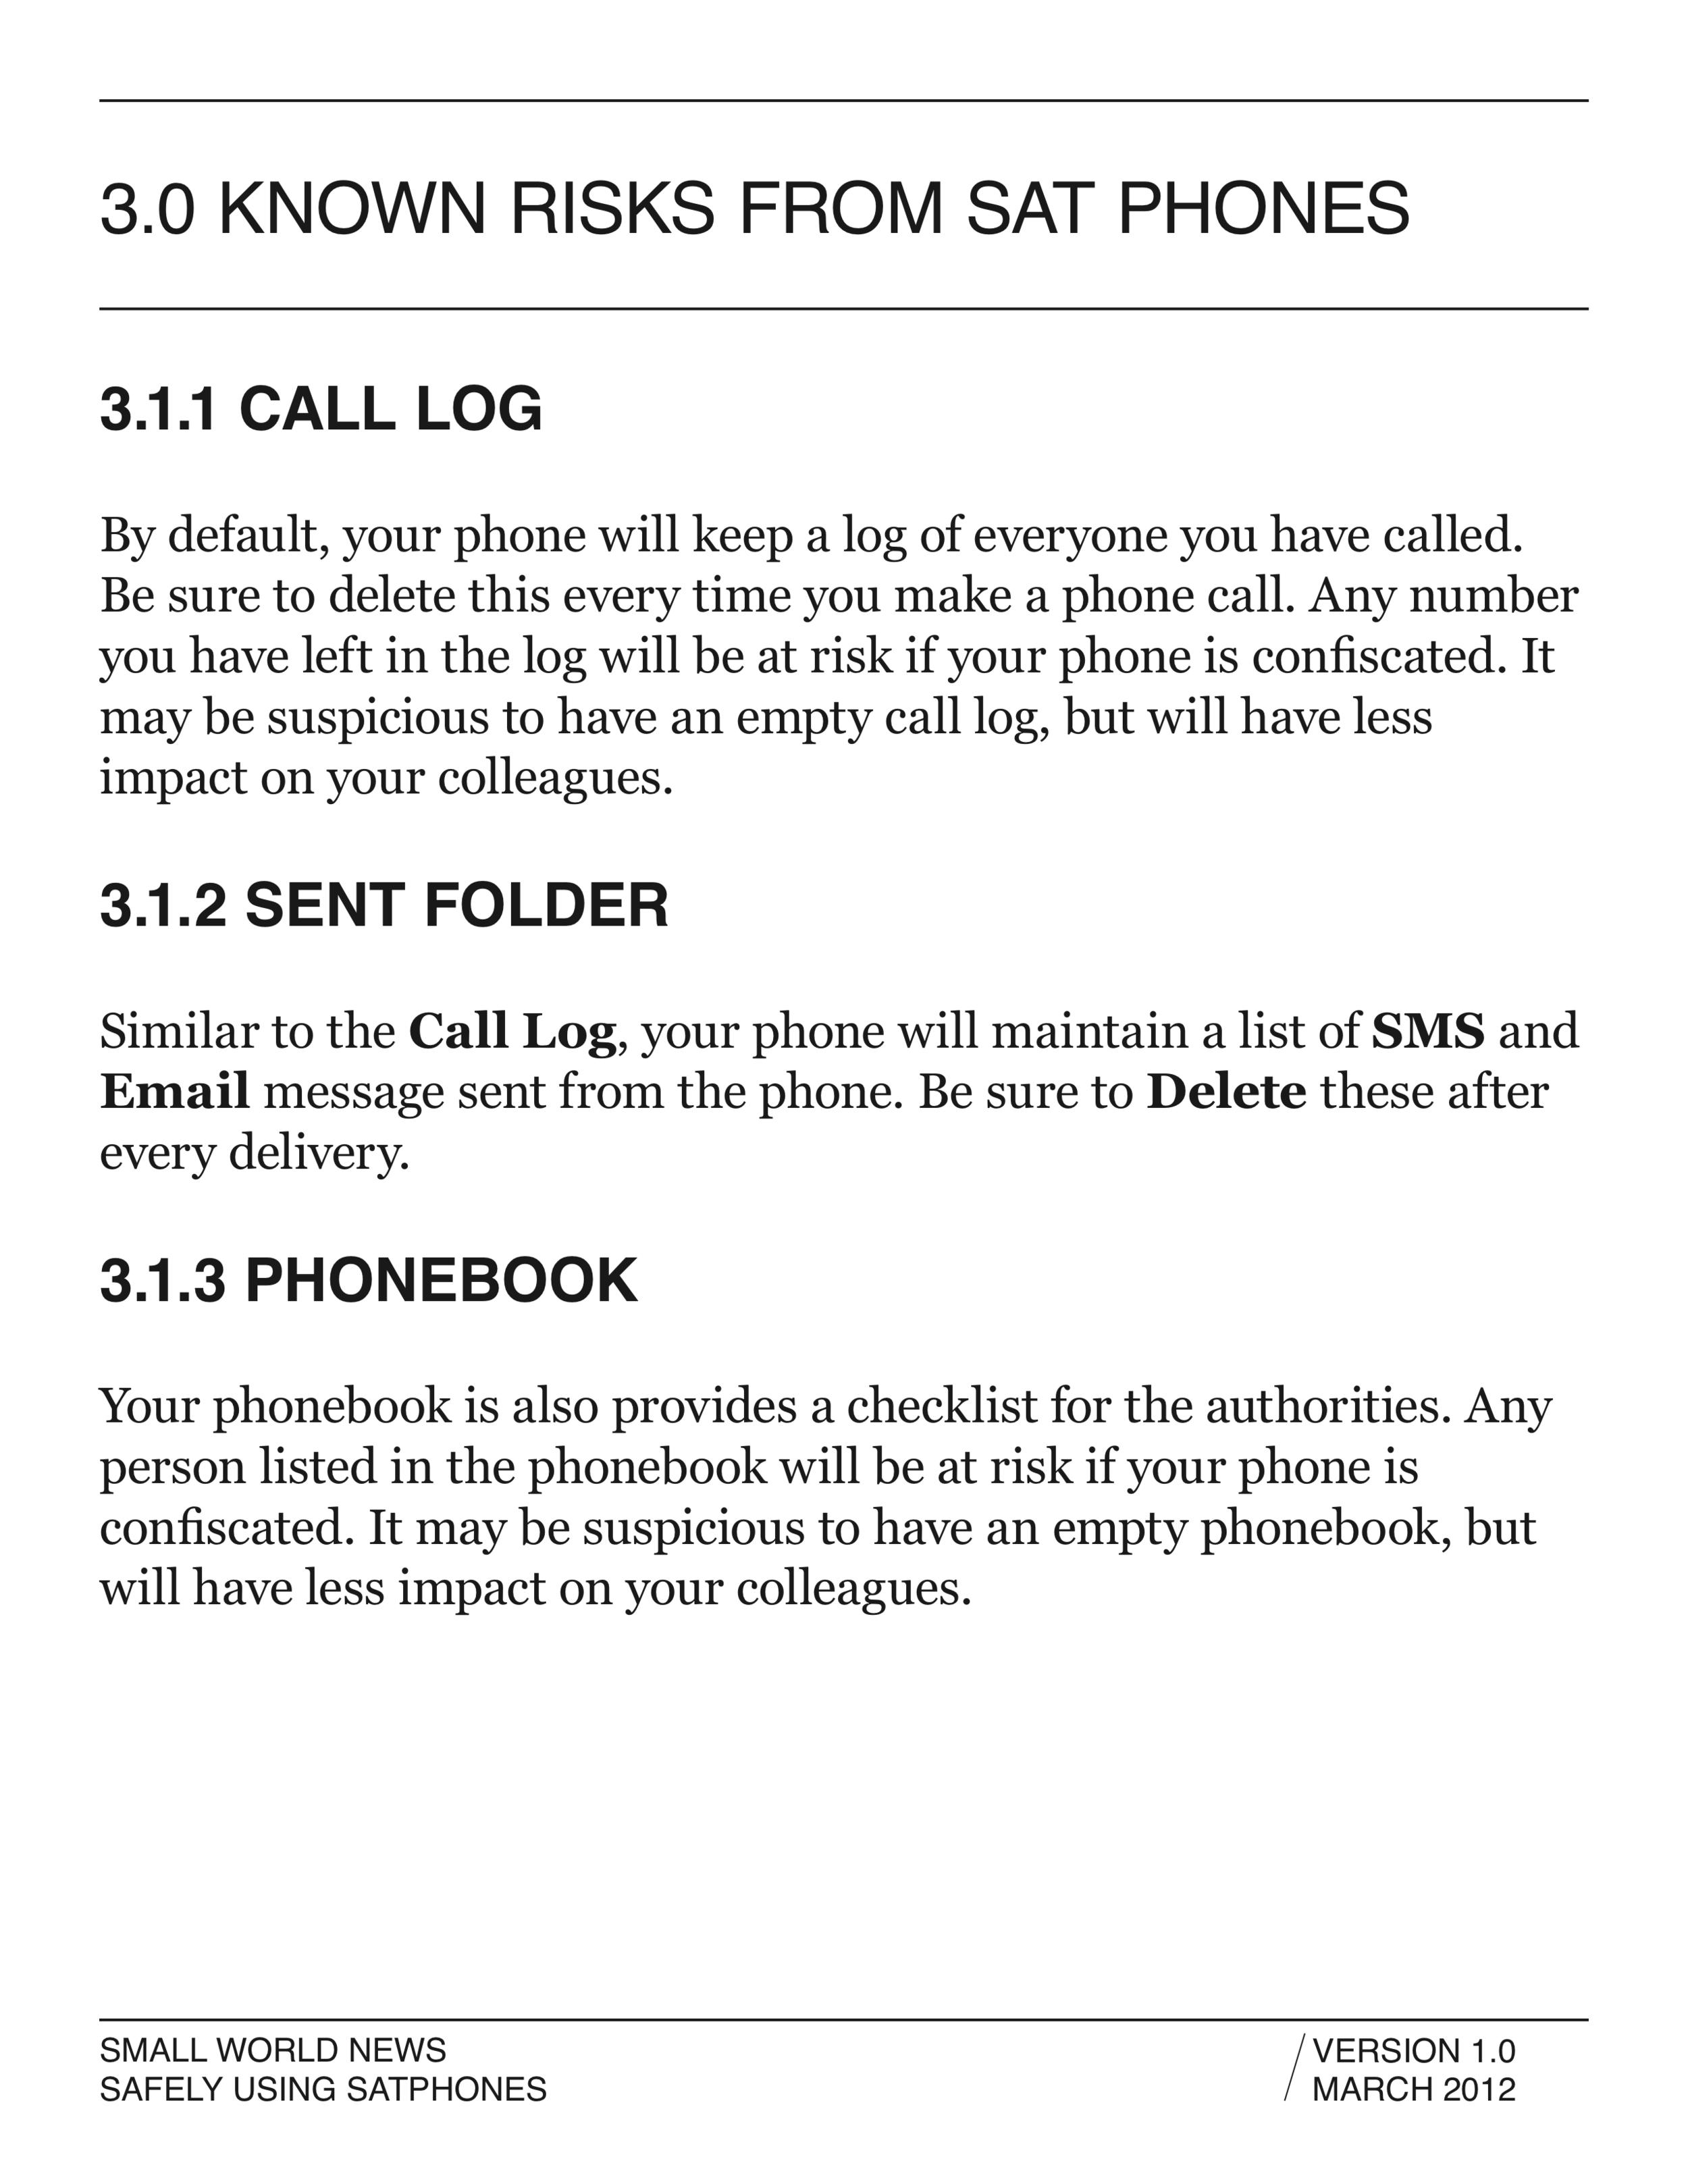 satphone 13.png